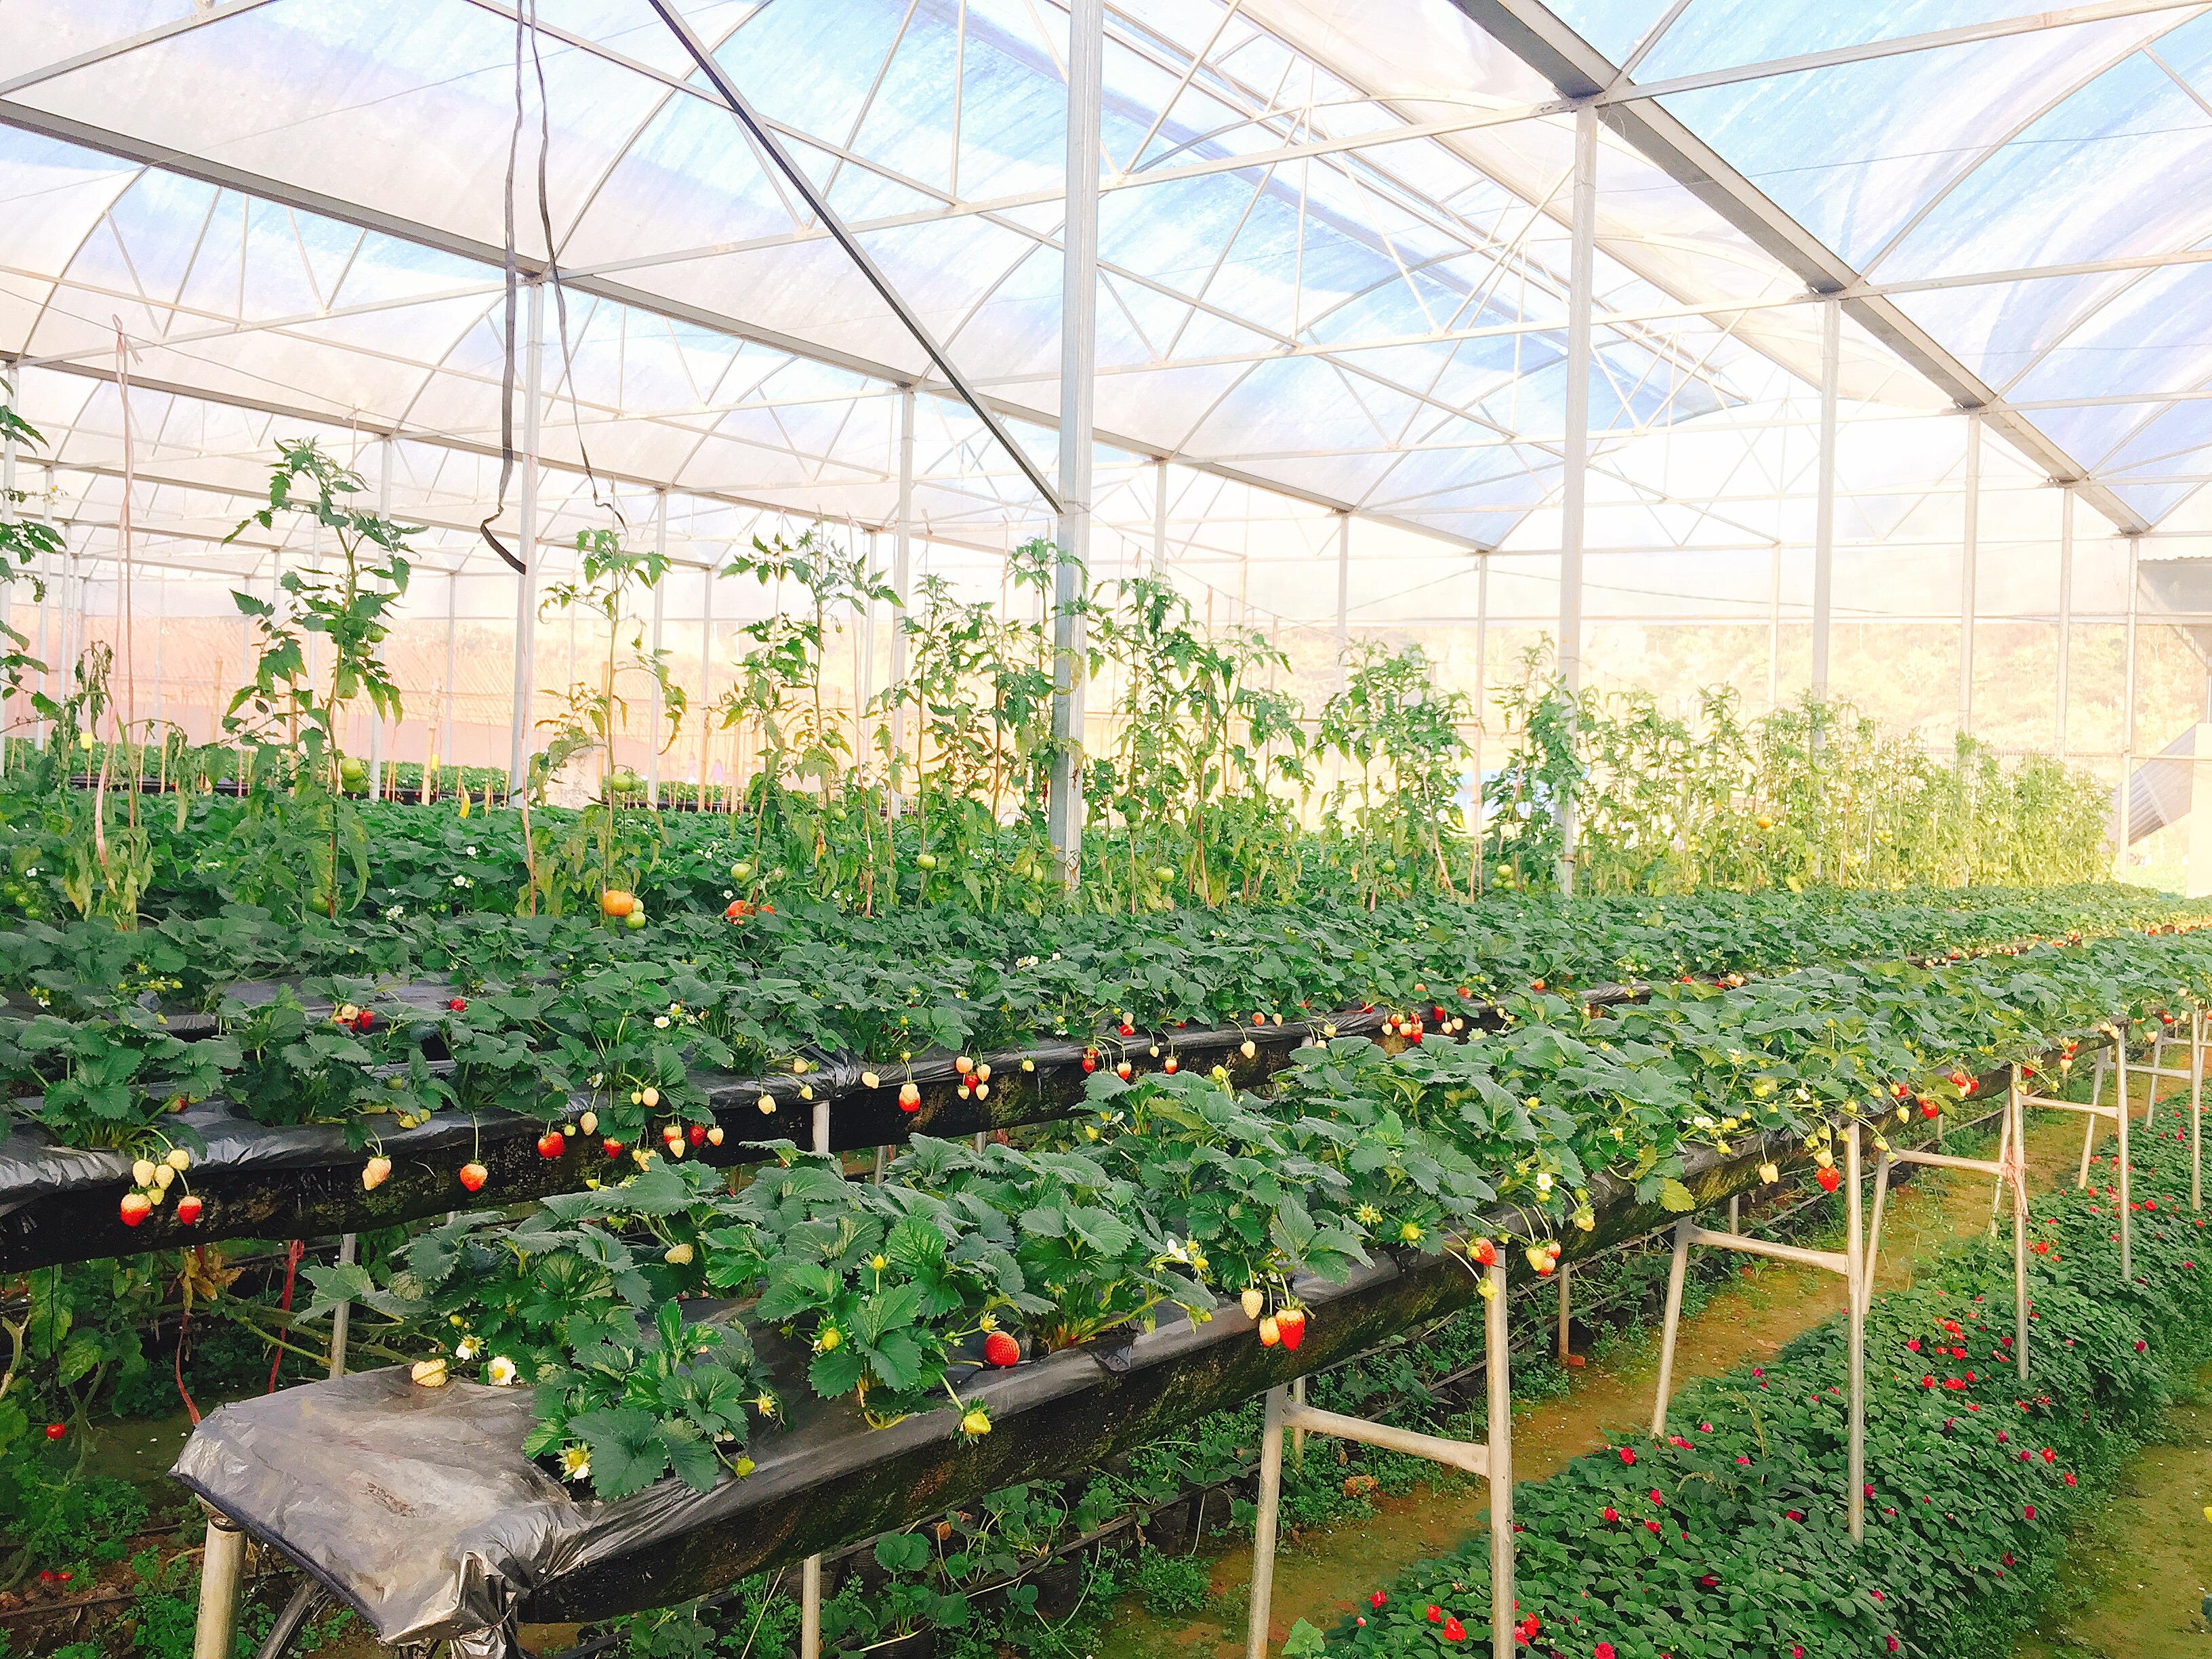 Dâu tây của Chimi Farm trồng trong nhà kính theo tiêu chuẩn VietGAP